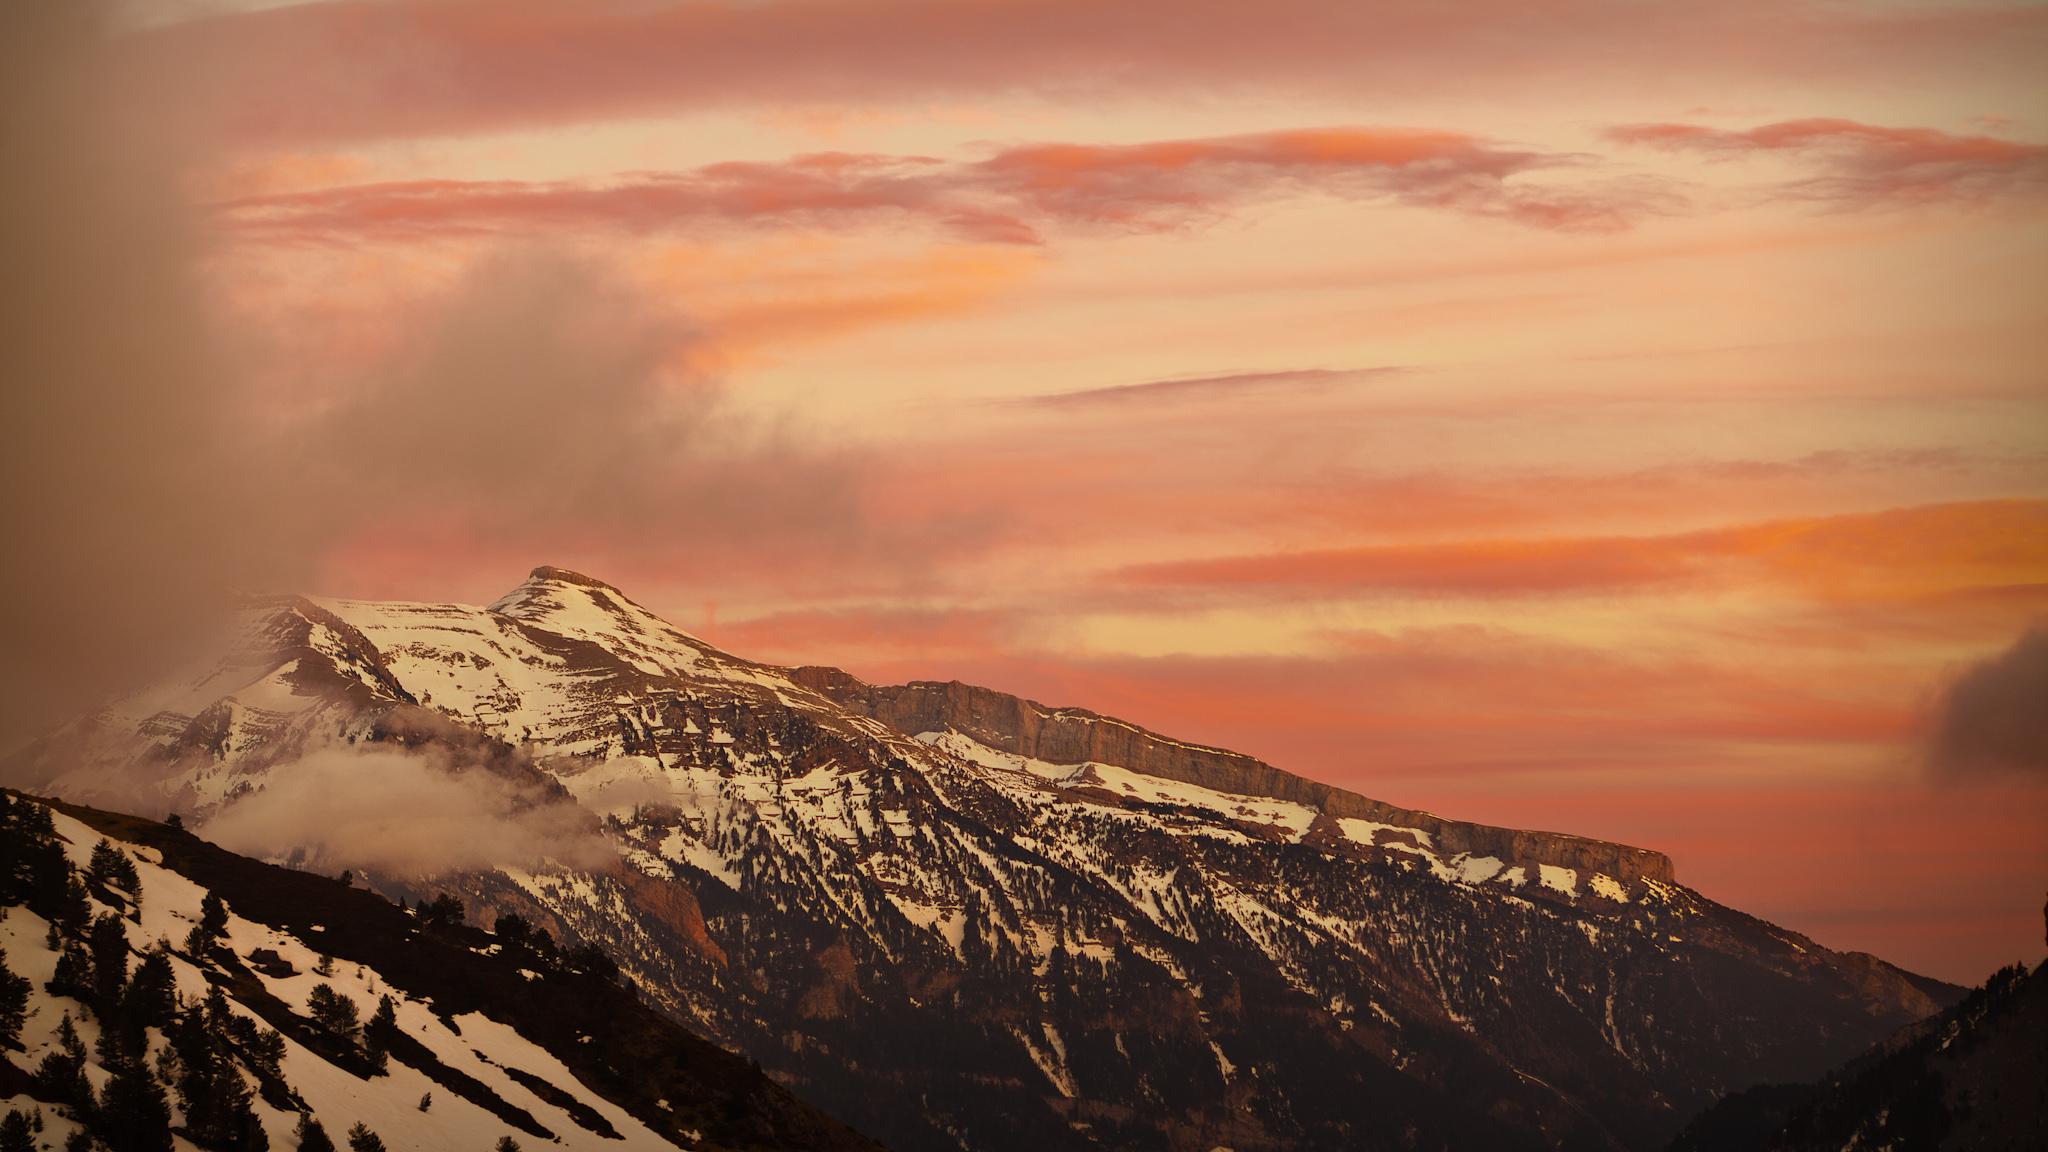 Atardecer sobre La Moleta - Paisajes del valle - Fotos del Valle del Aragón, Mikel Besga